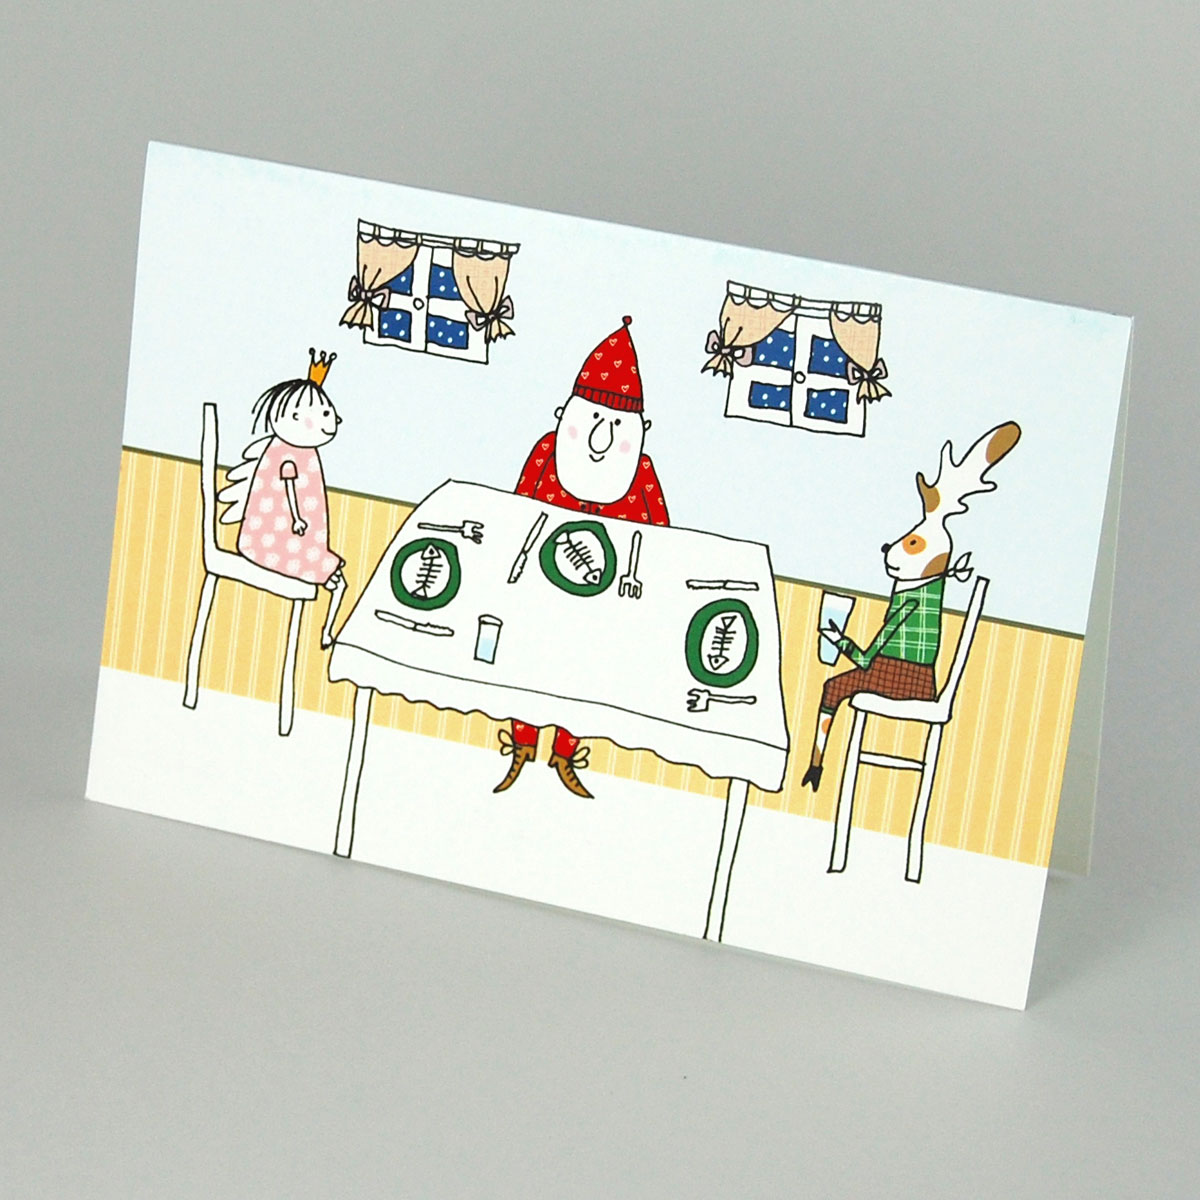 Lustige Bilder Weihnachtsessen.Lustige Weihnachtskarten Weihnachtsessen